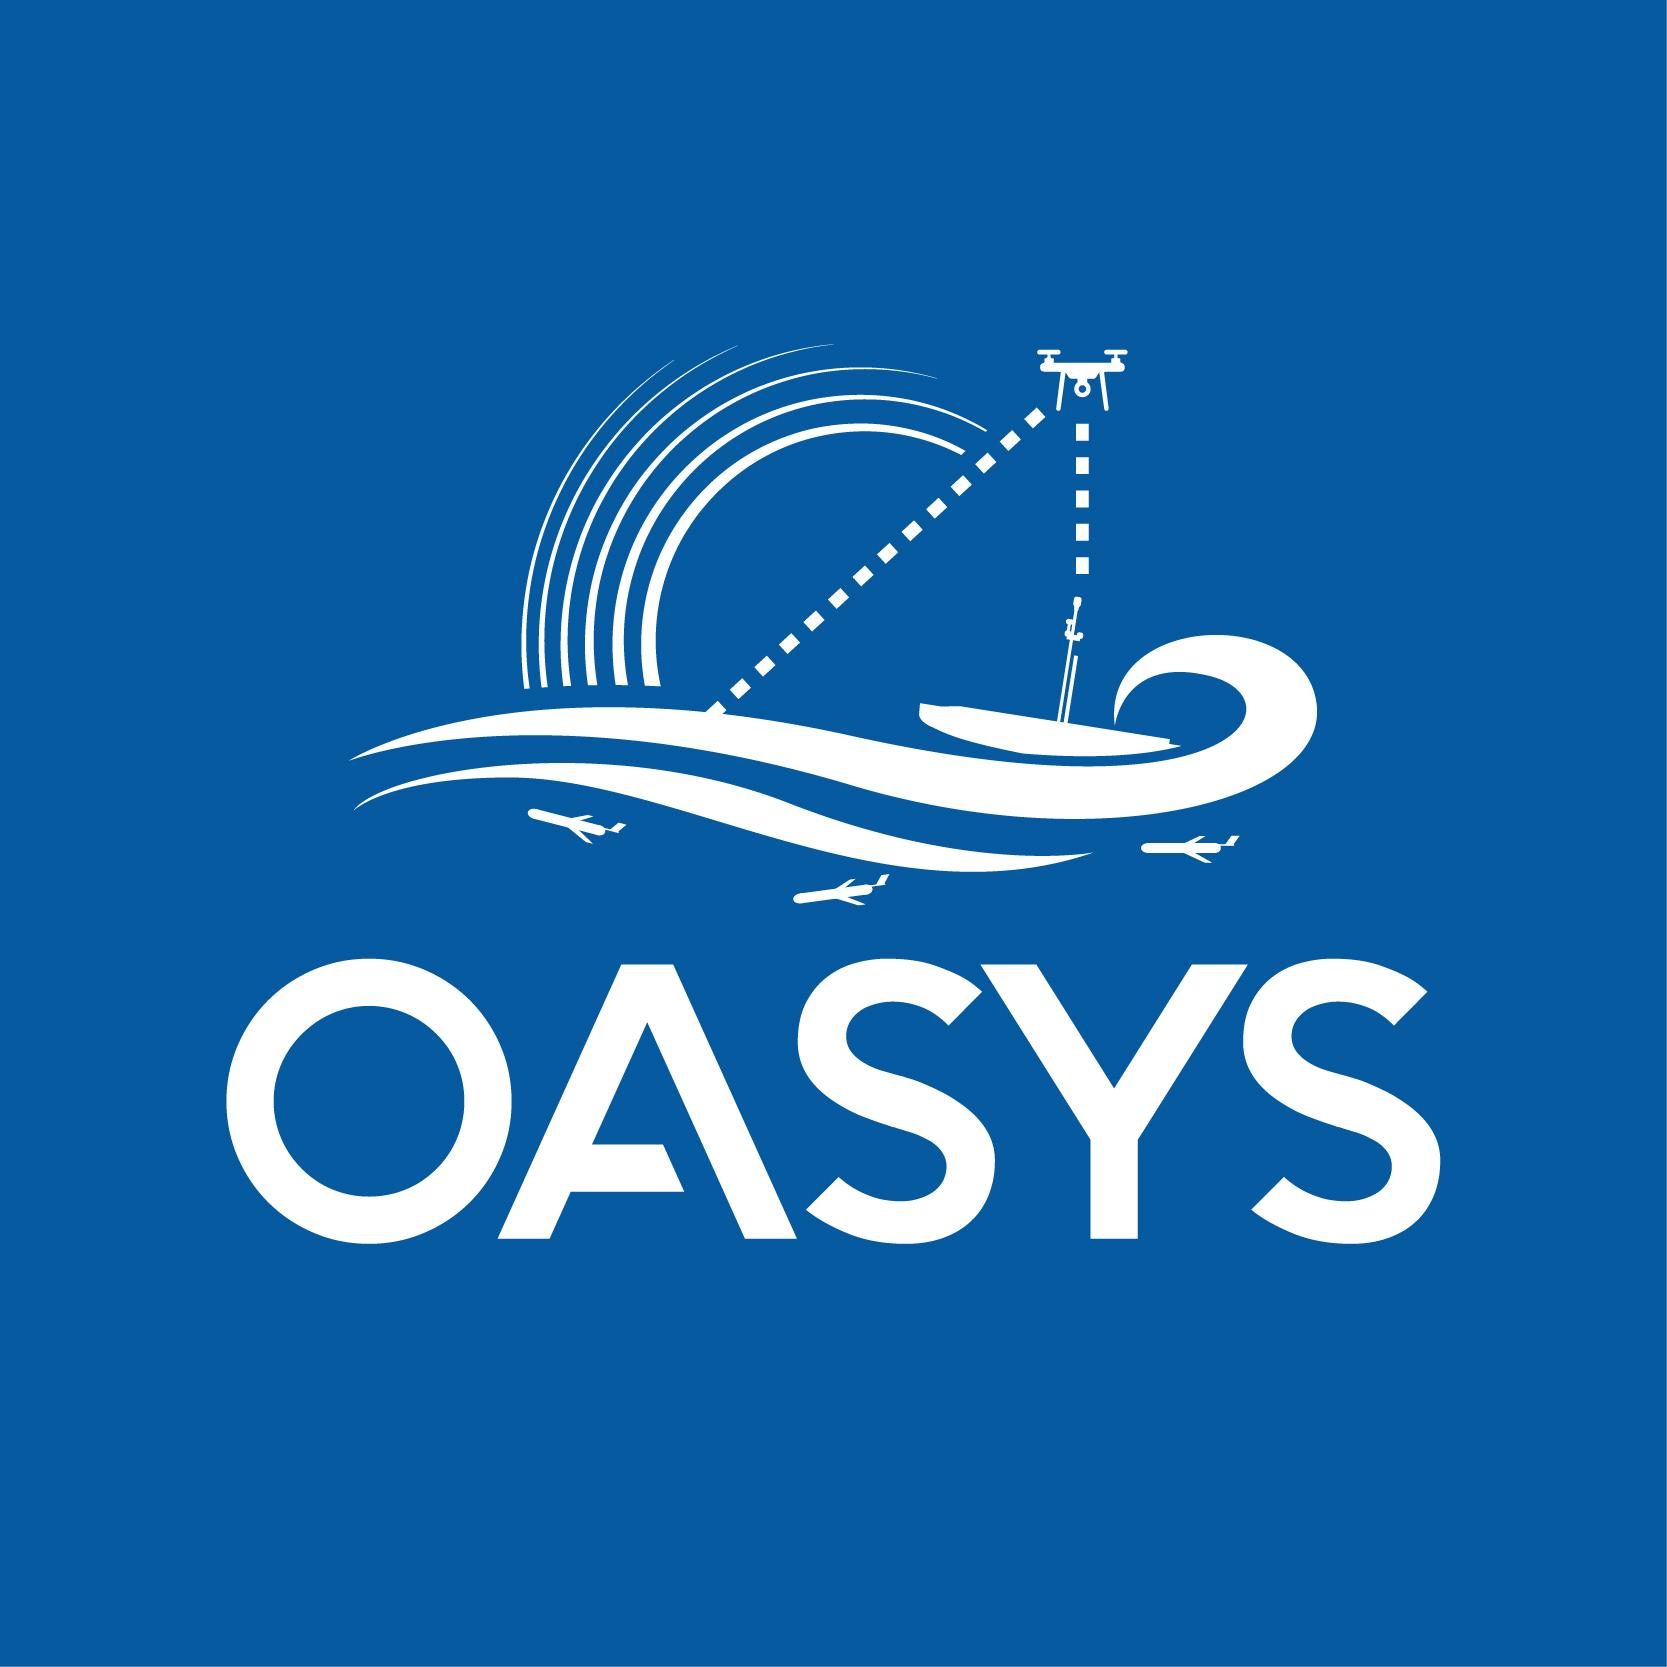 OASYS